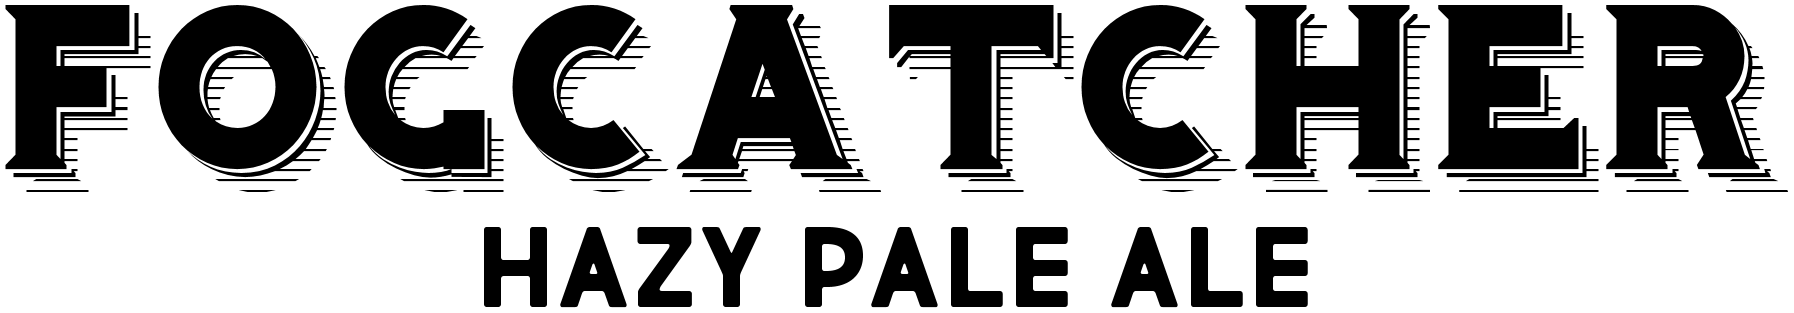 Pale N1.png